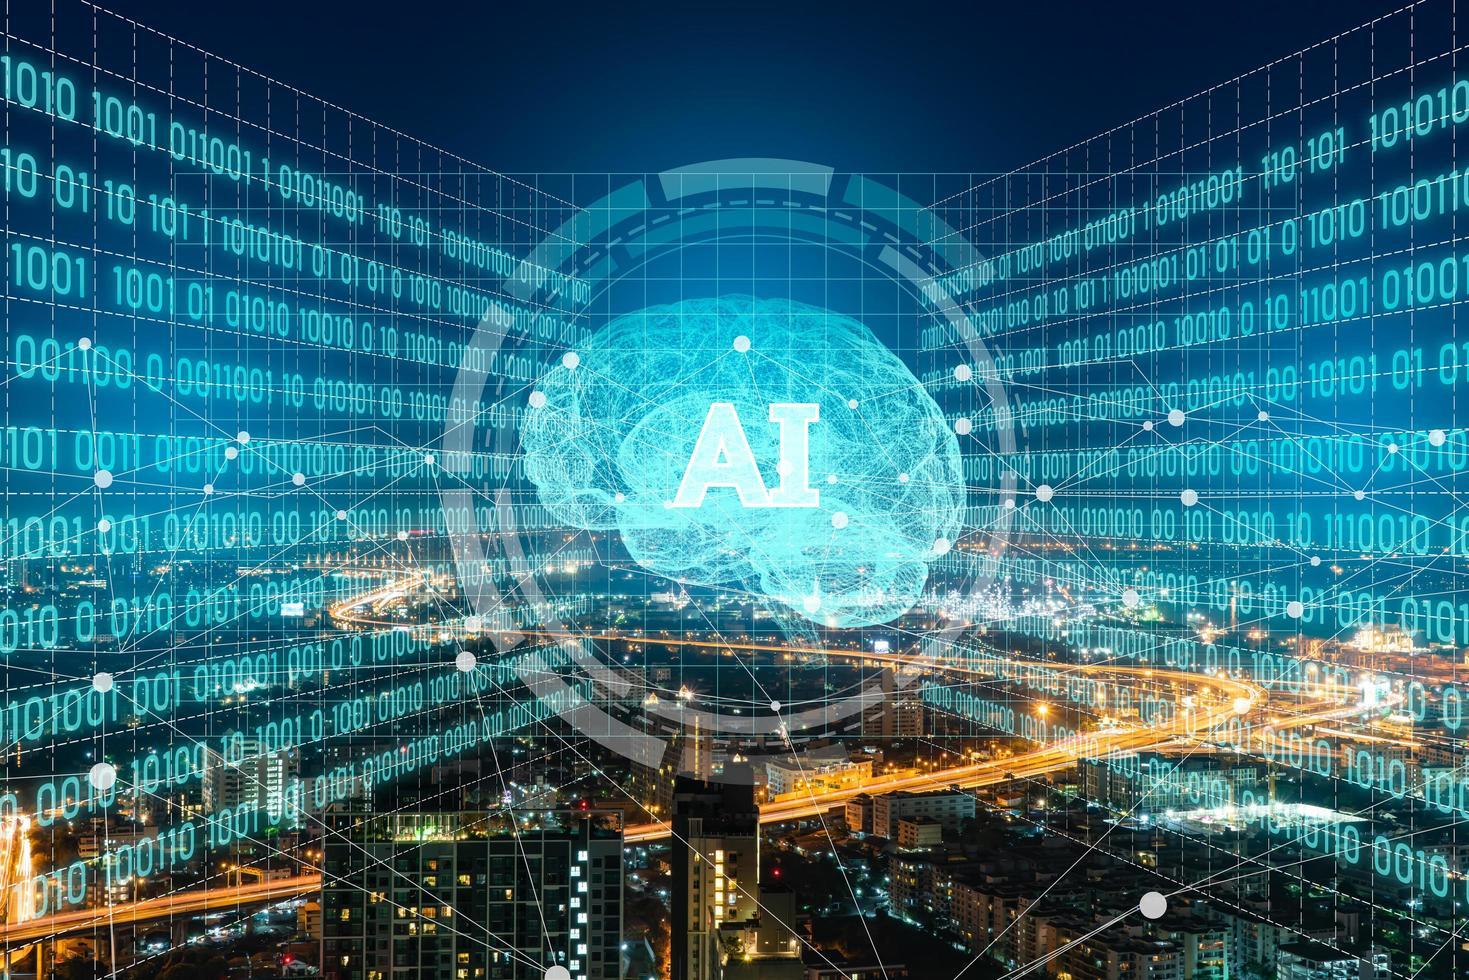 intelligence artificielle ai et système de ville avancé. concept de réseau de ville et de communication intelligent. photo